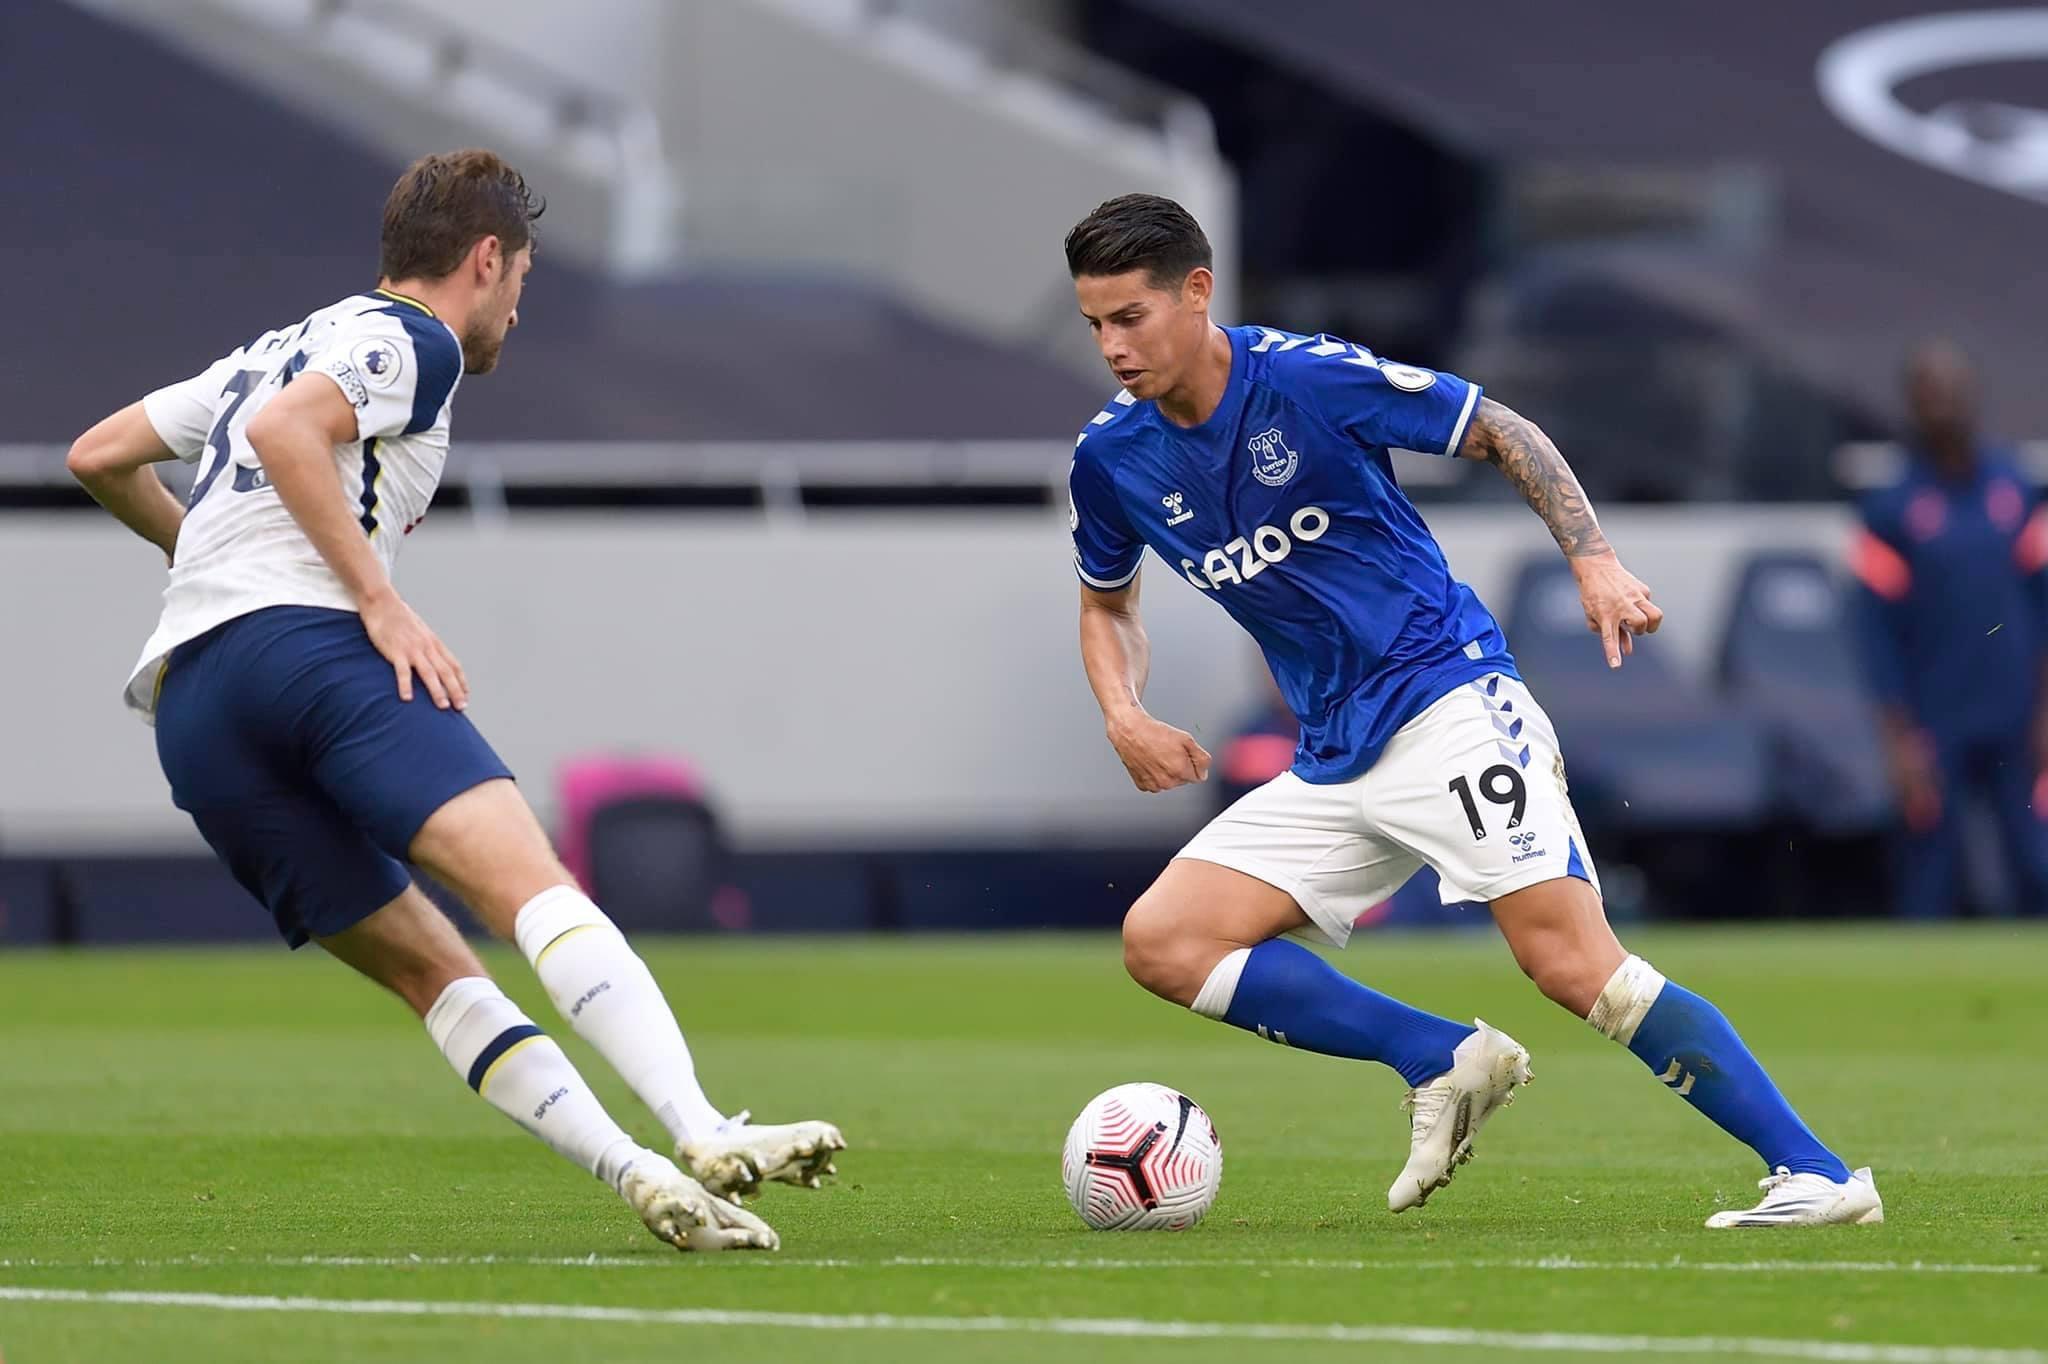 इंग्लिस प्रिमियर लिग फुटबलमा एभर्टनले टोटनह्यामलाई १–० ले हरायो